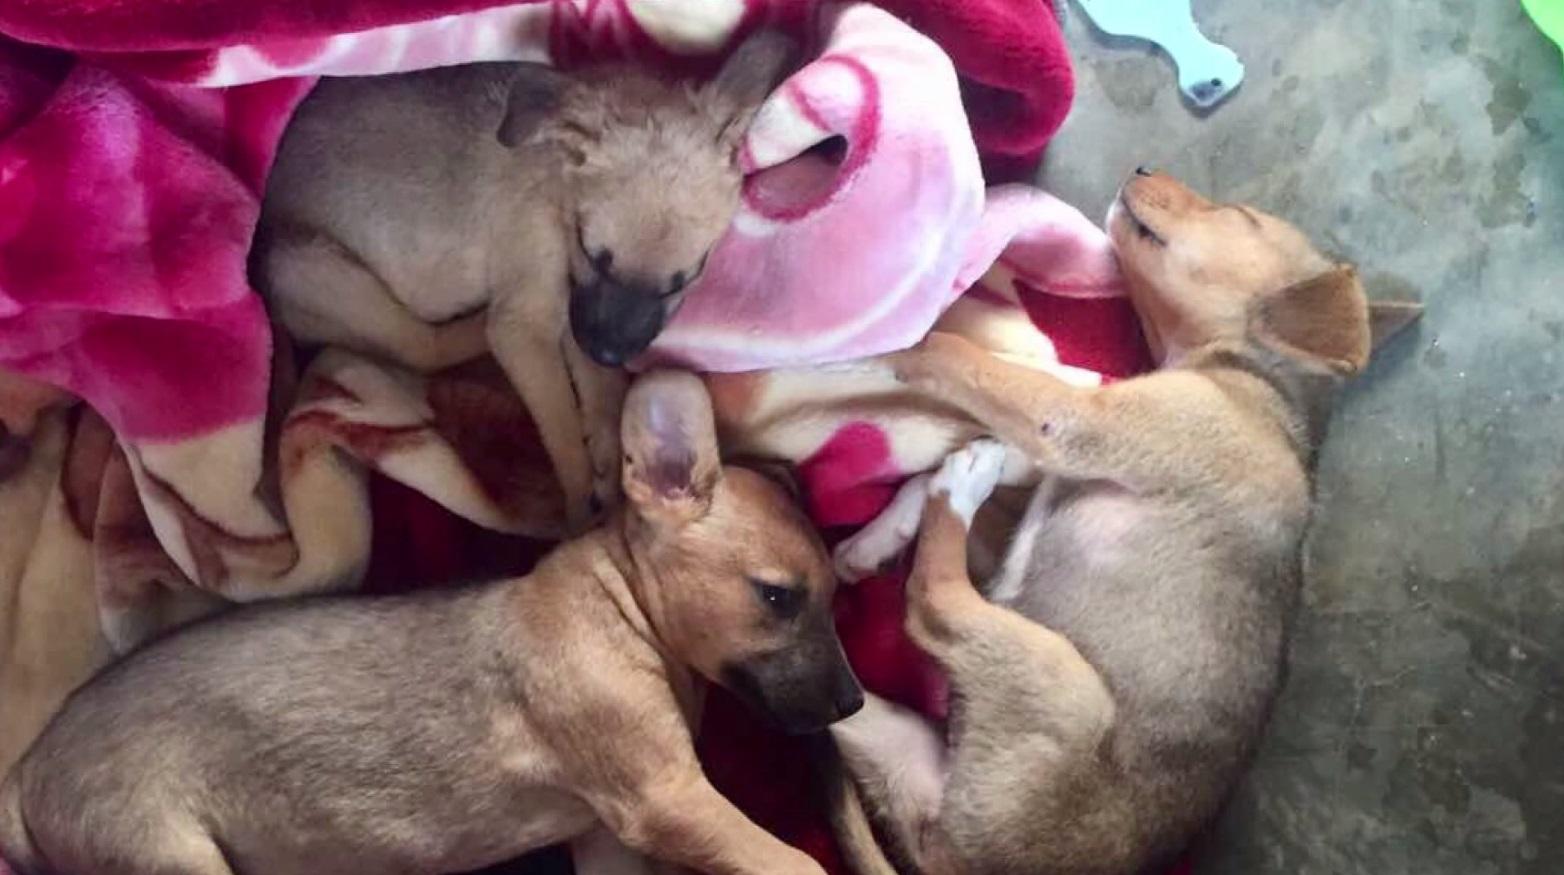 uganda puppies kelsey sabo_1527114989876.jpg-873702560.jpg